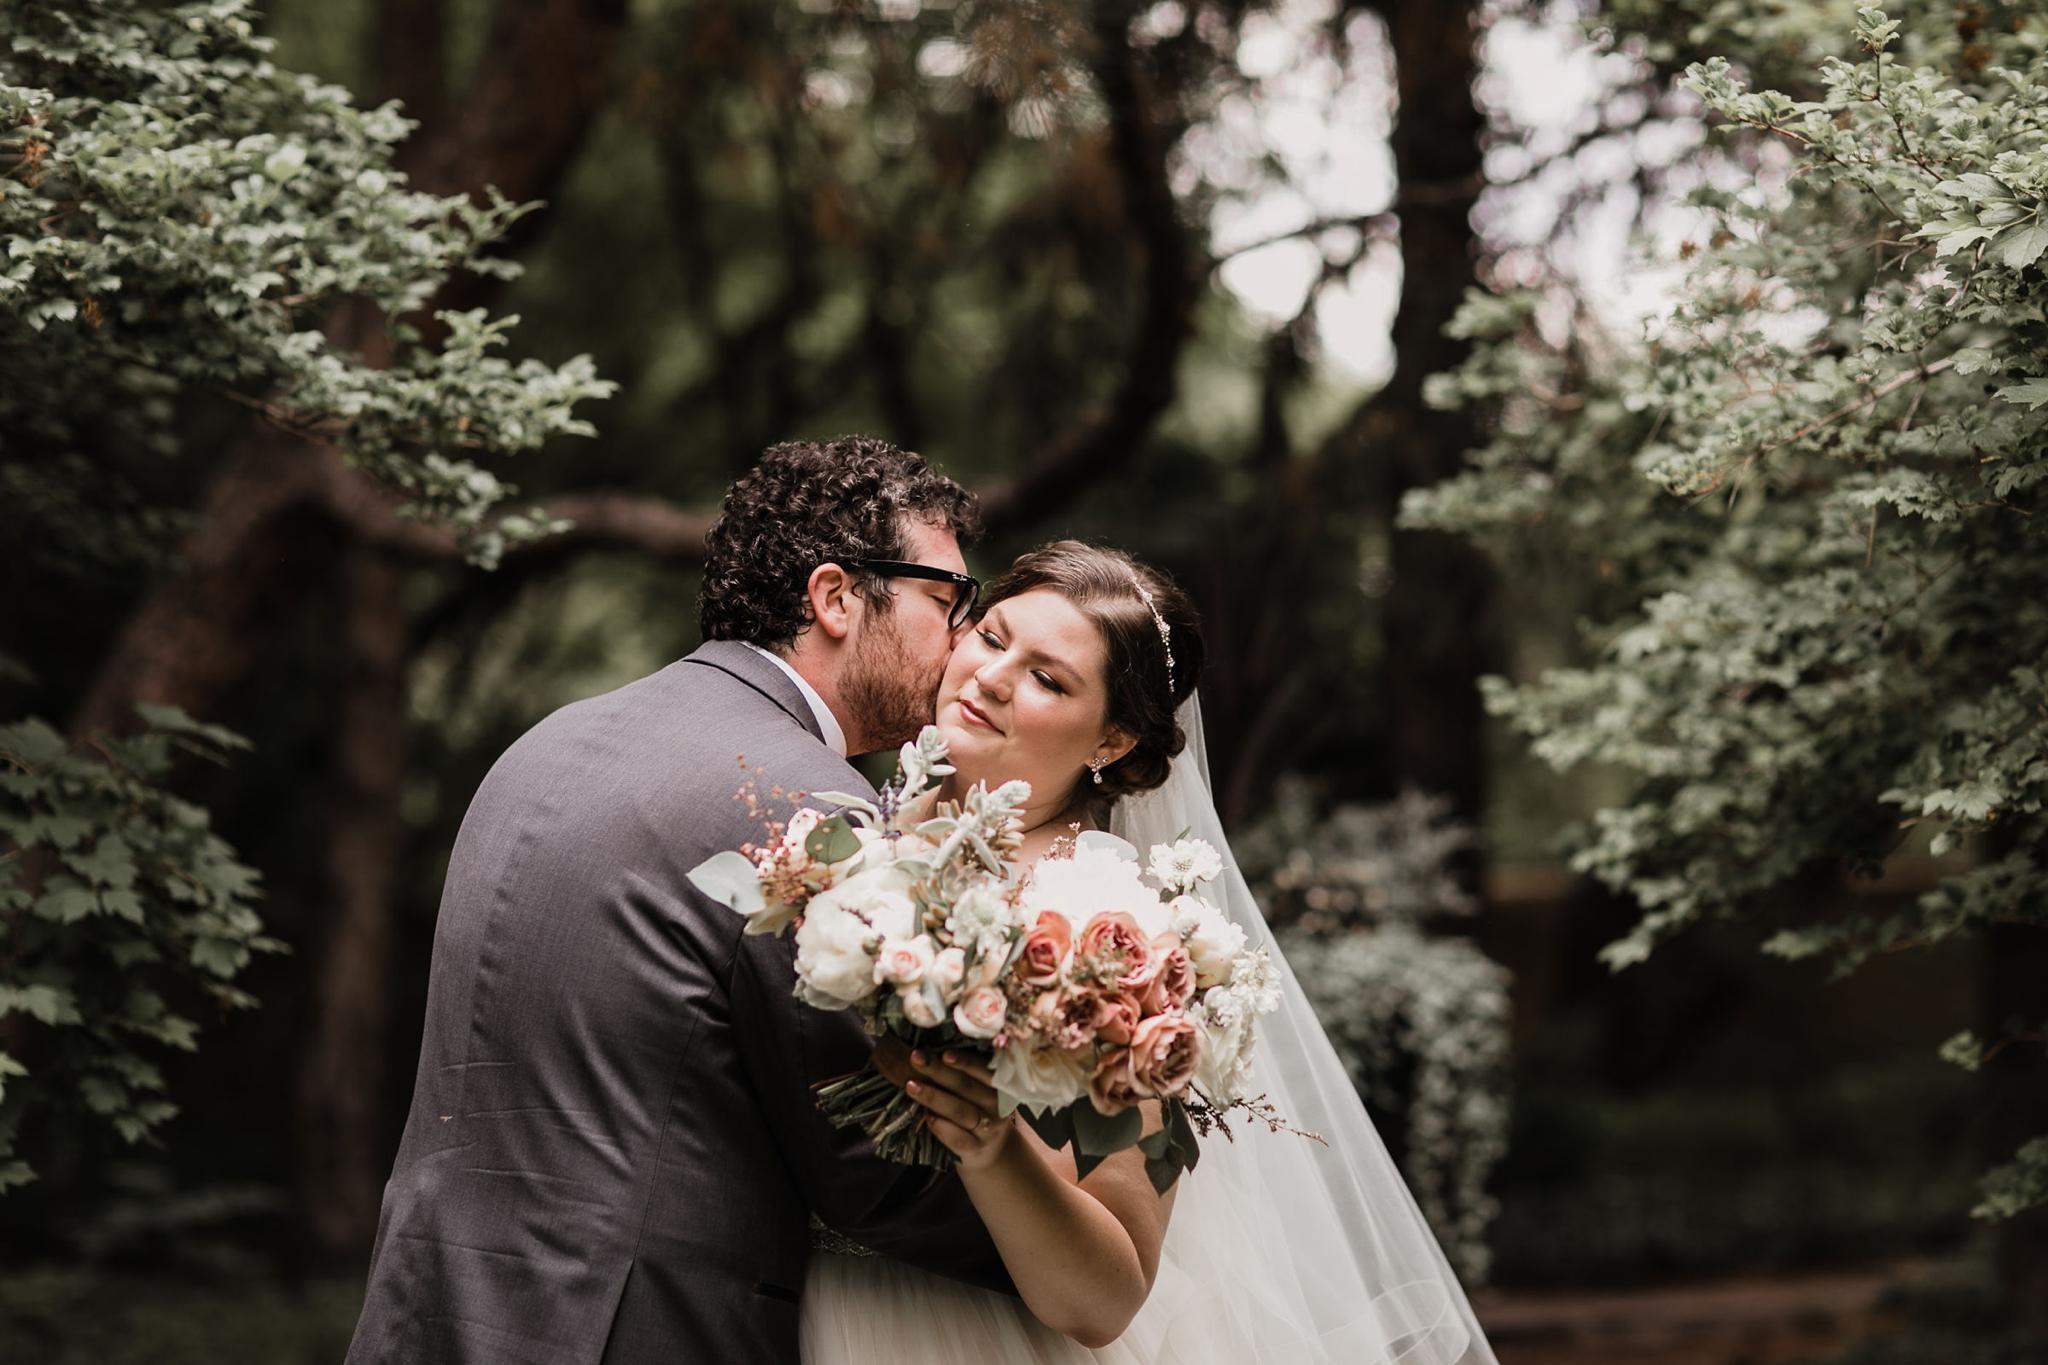 Alicia+lucia+photography+-+albuquerque+wedding+photographer+-+santa+fe+wedding+photography+-+new+mexico+wedding+photographer+-+new+mexico+wedding+-+summer+wedding+-+summer+wedding+florals+-+southwest+wedding_0059.jpg